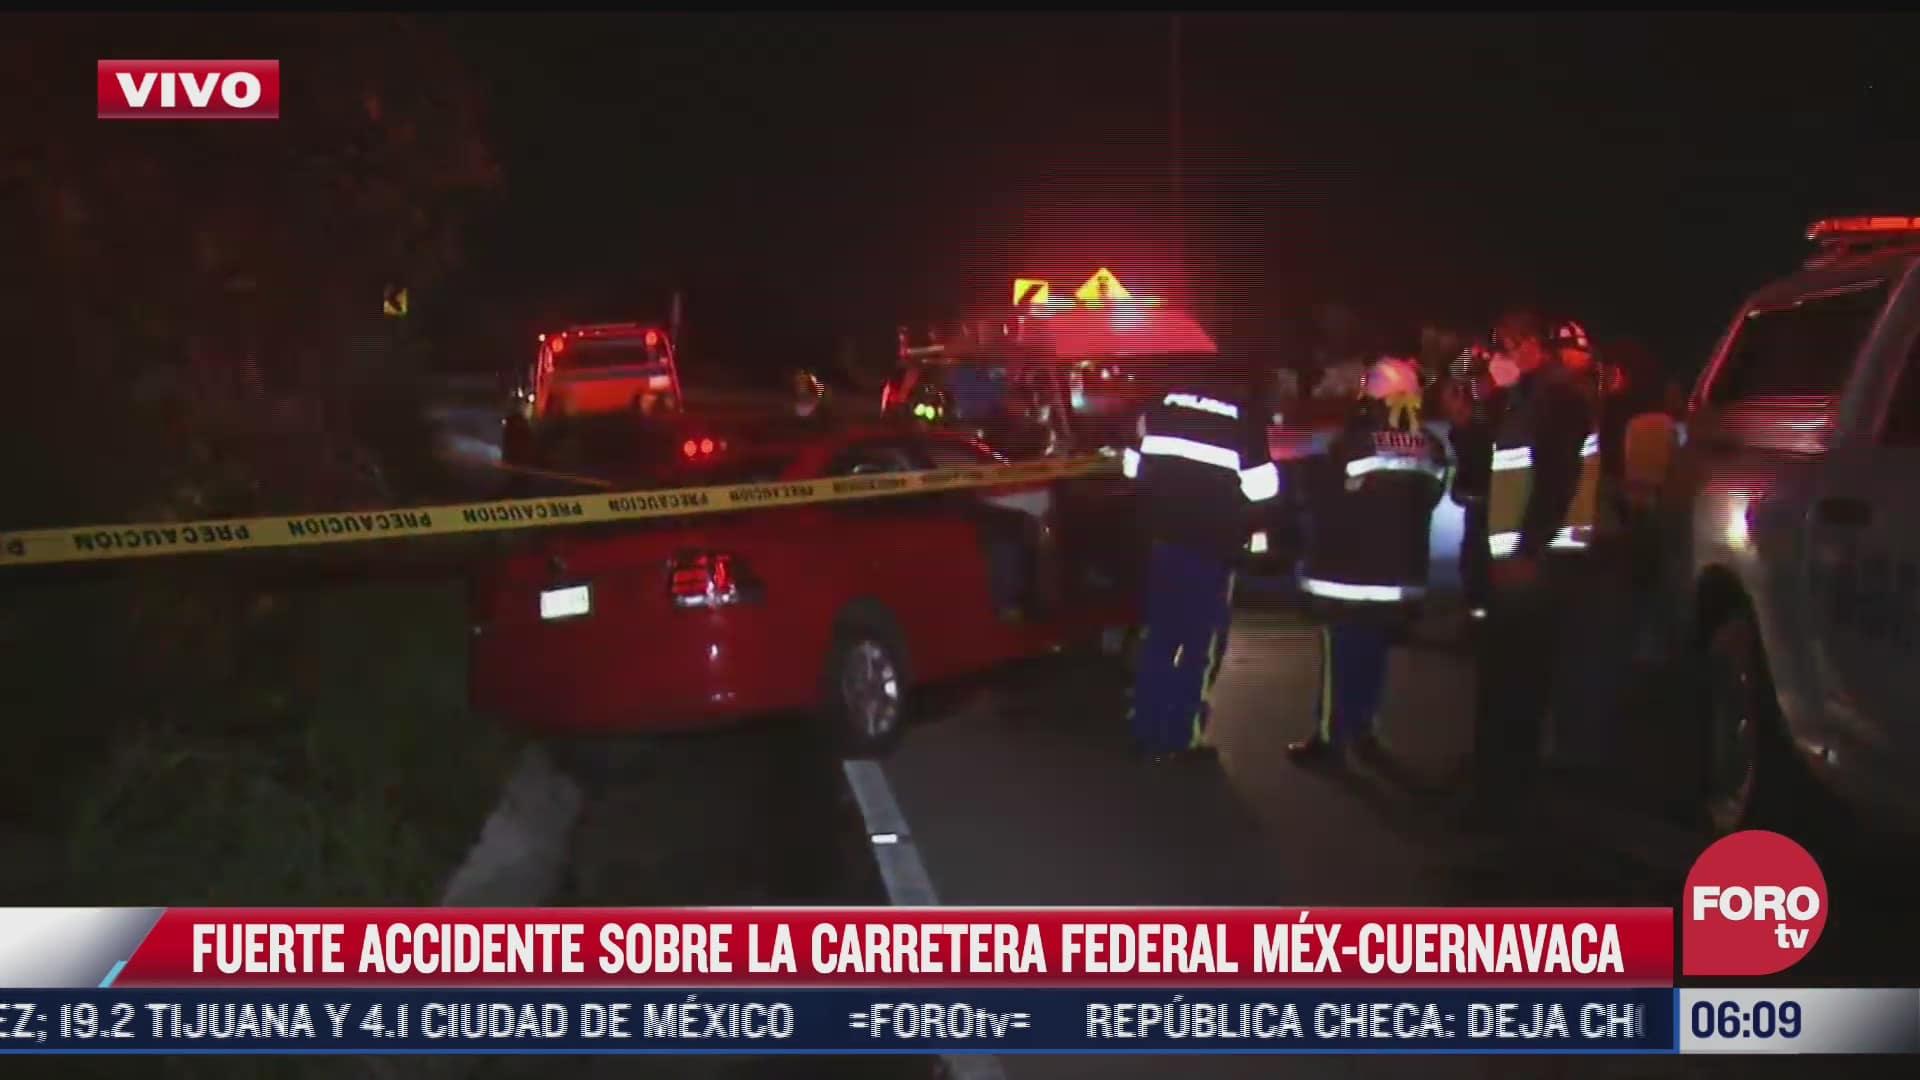 fuerte accidente sobre carretera federal mexico cuernavaca deja un muerto